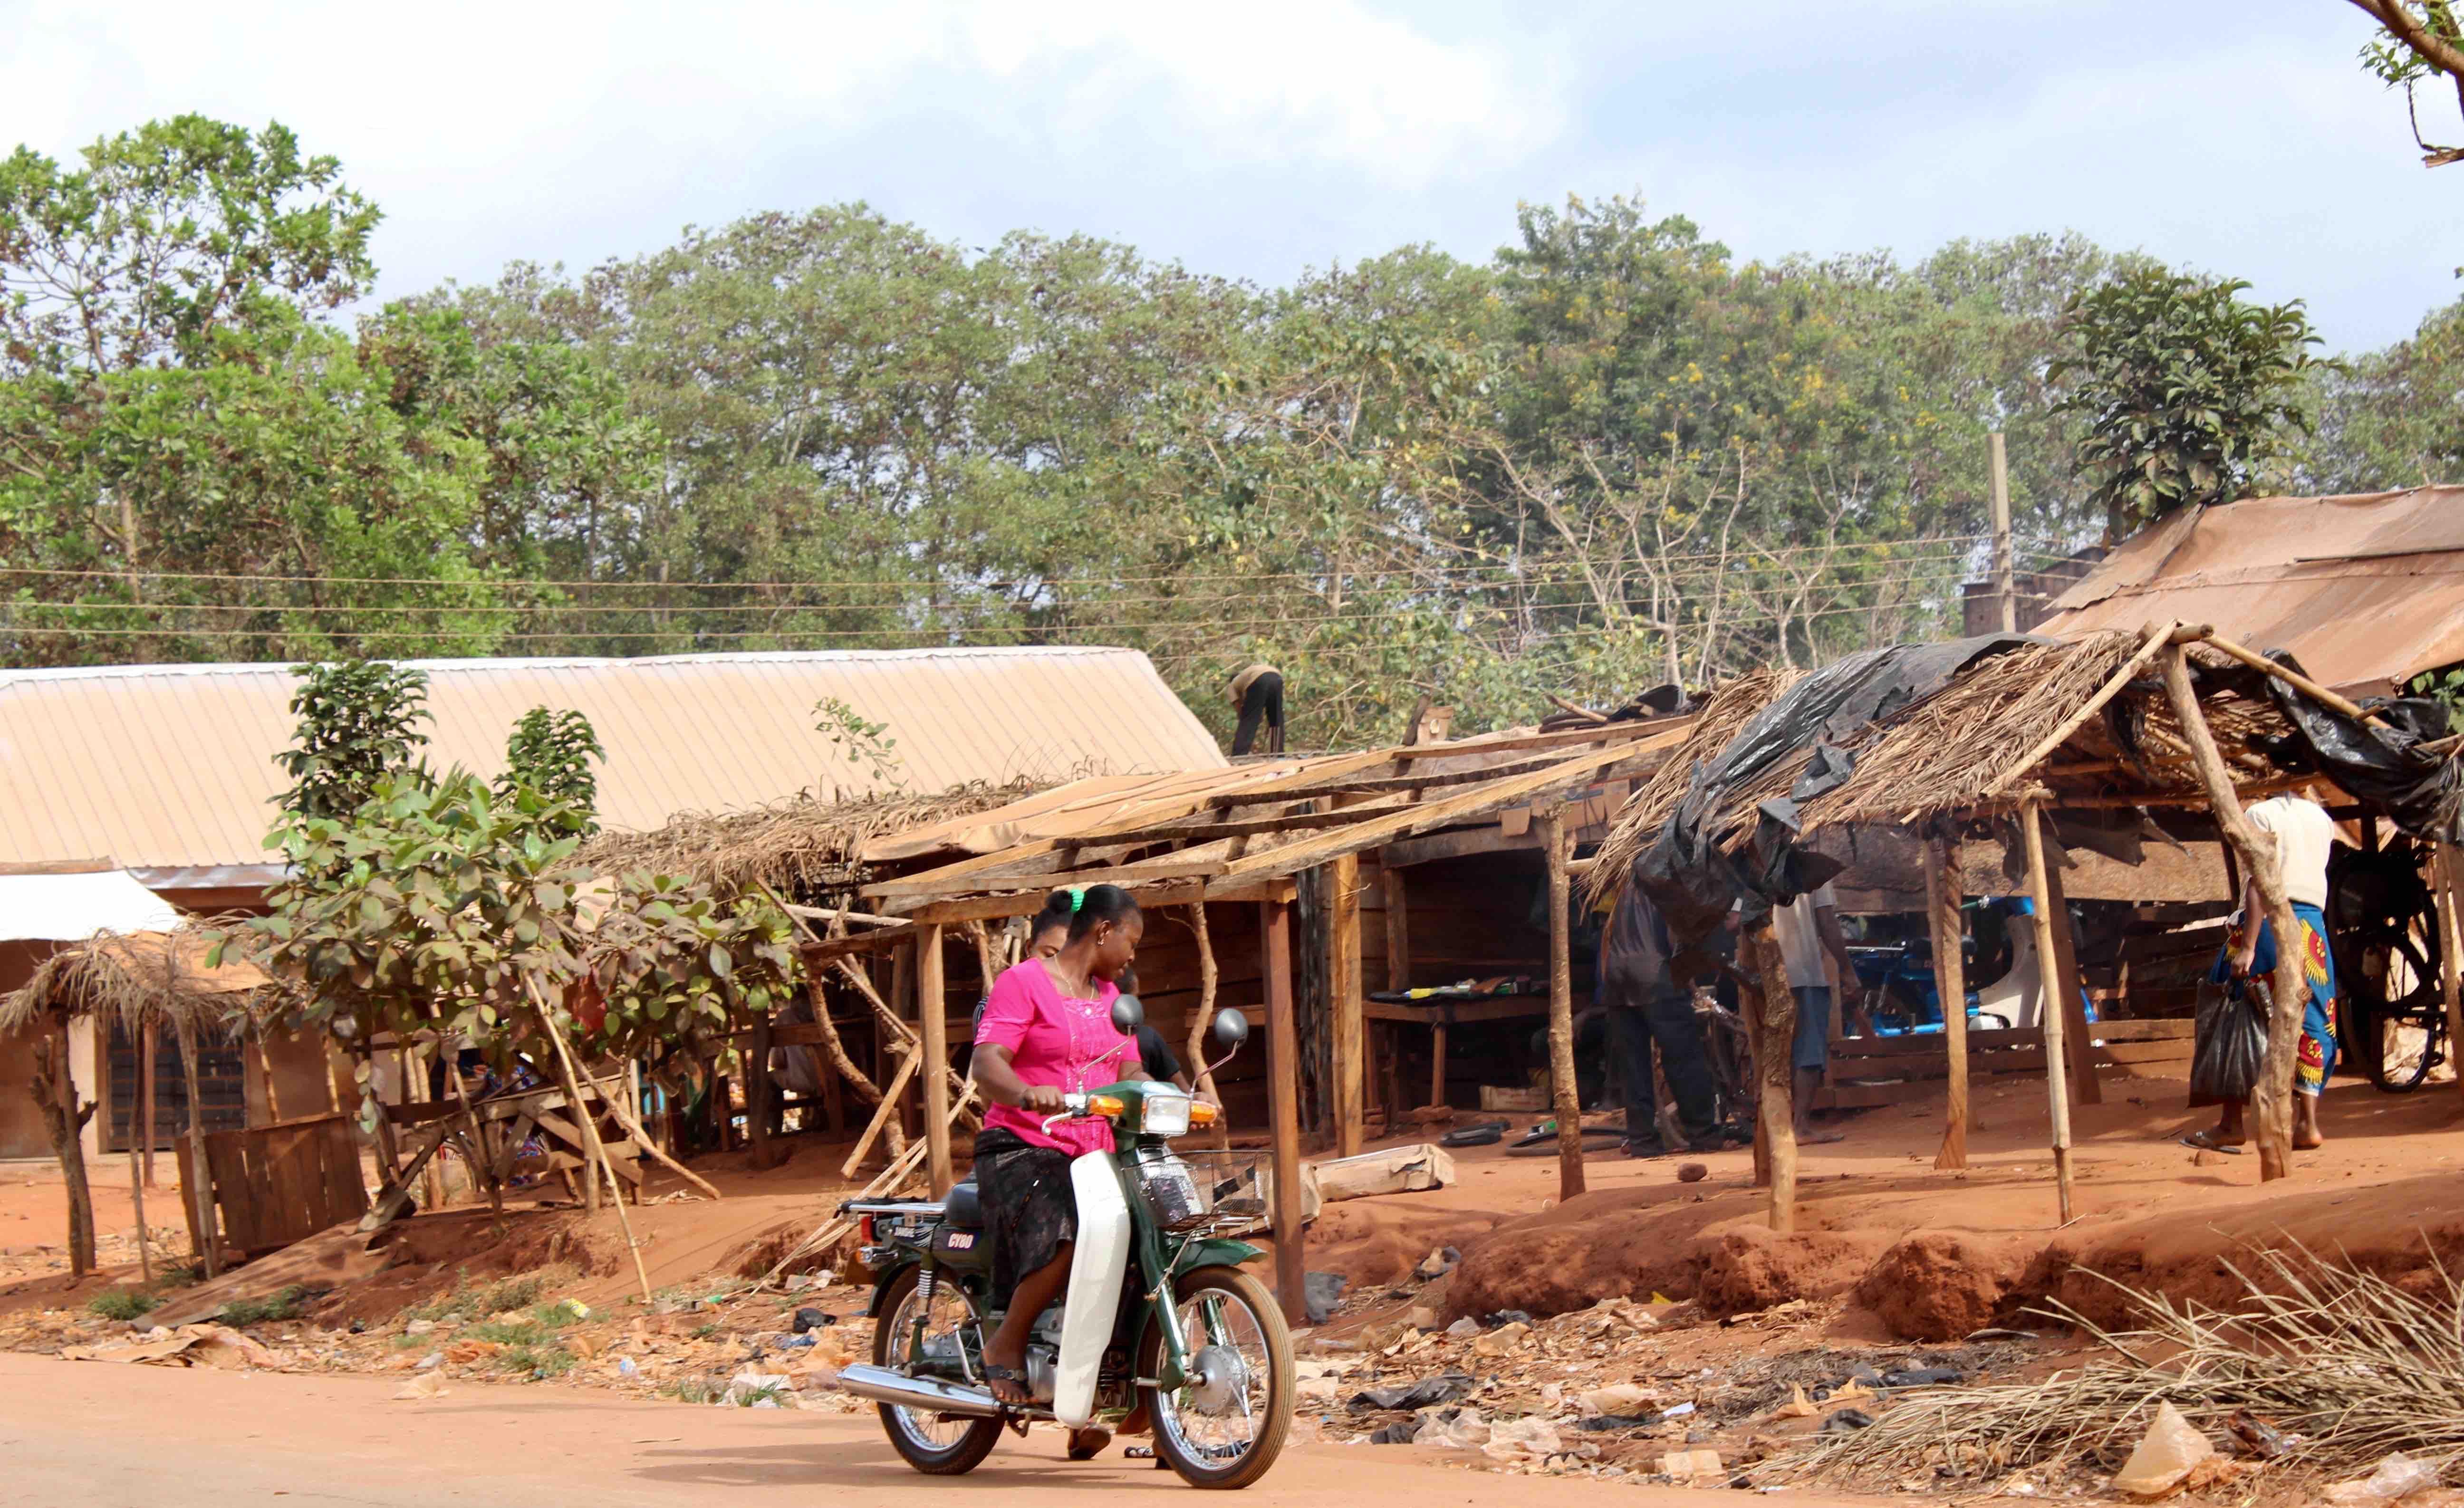 Igbo Women, Motorcycling, Iheaka Village, Enugu State, Nigeria. #JujuFilms